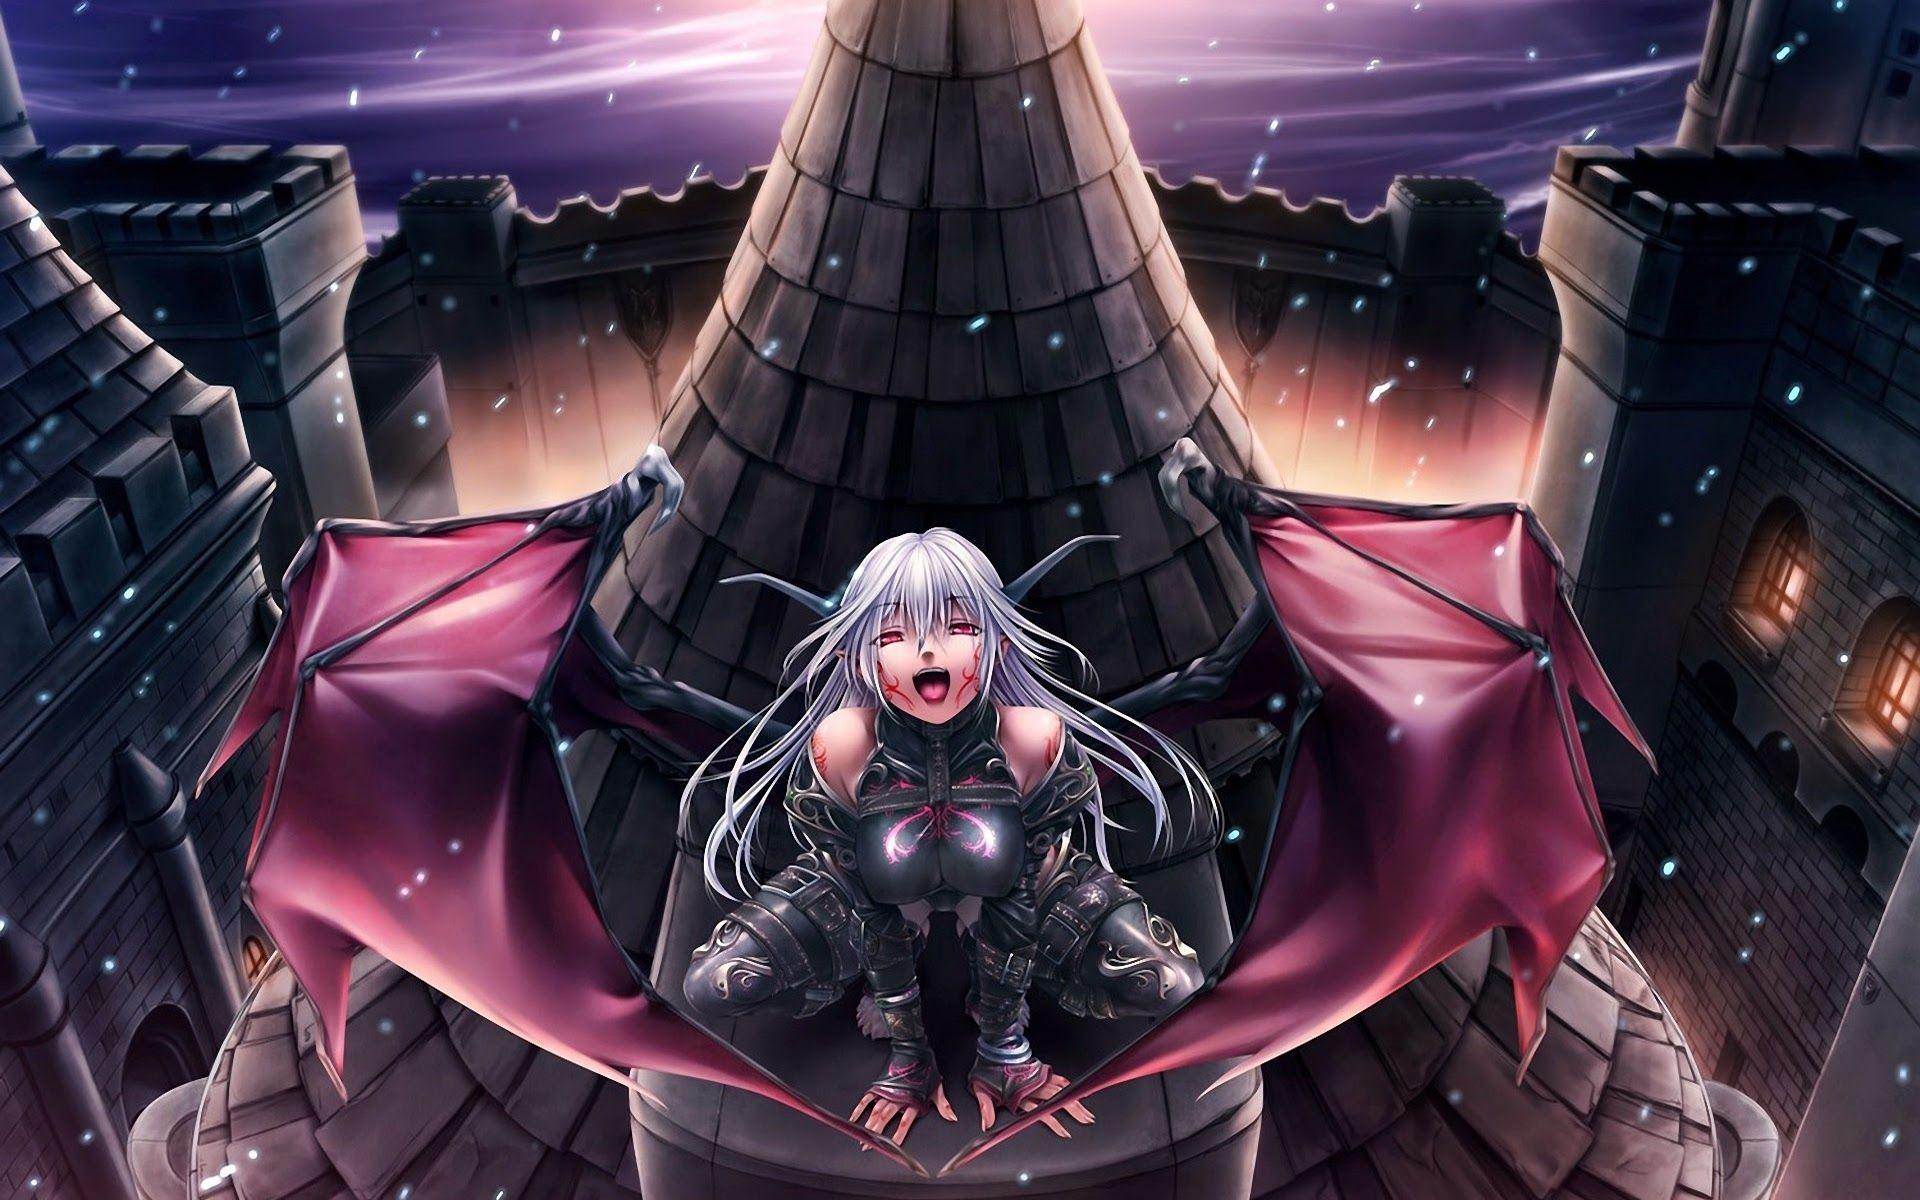 Anime Demon Girl